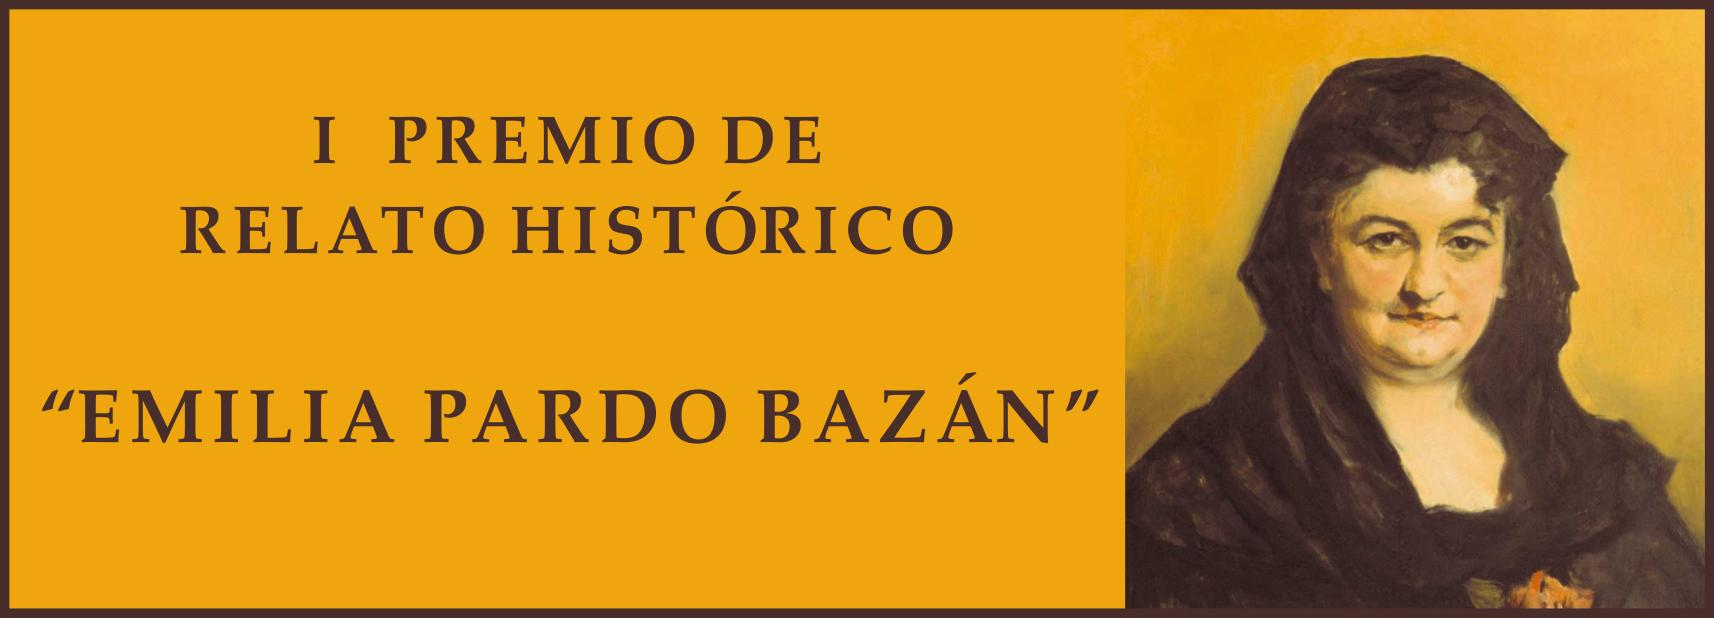 PREMIO EMILIA PARDO BAZÁN